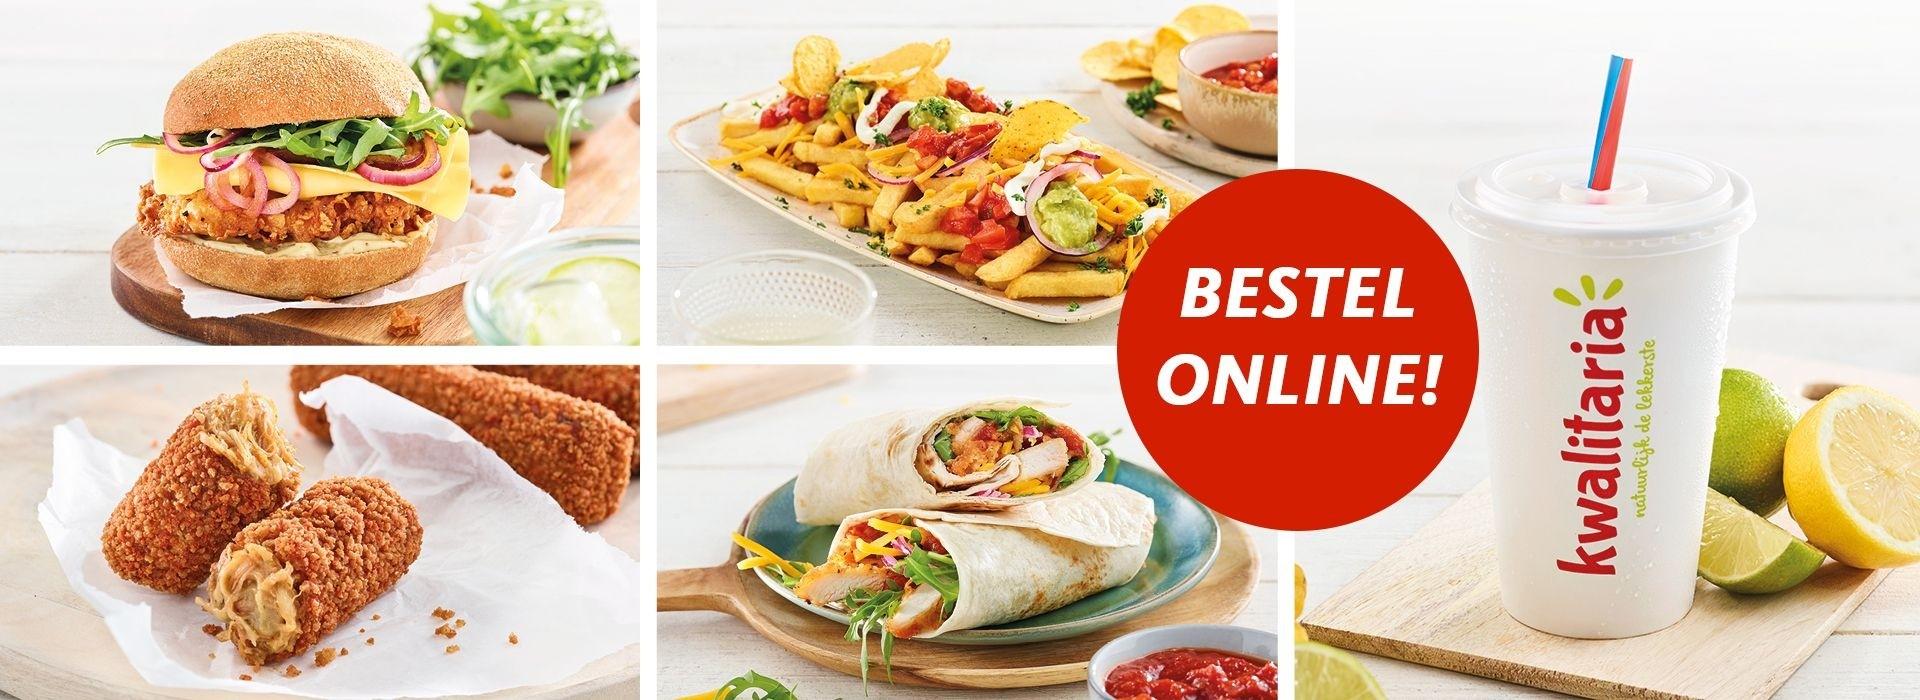 De 2 kipsate menu gratis met code kip11 bij kwalitaria